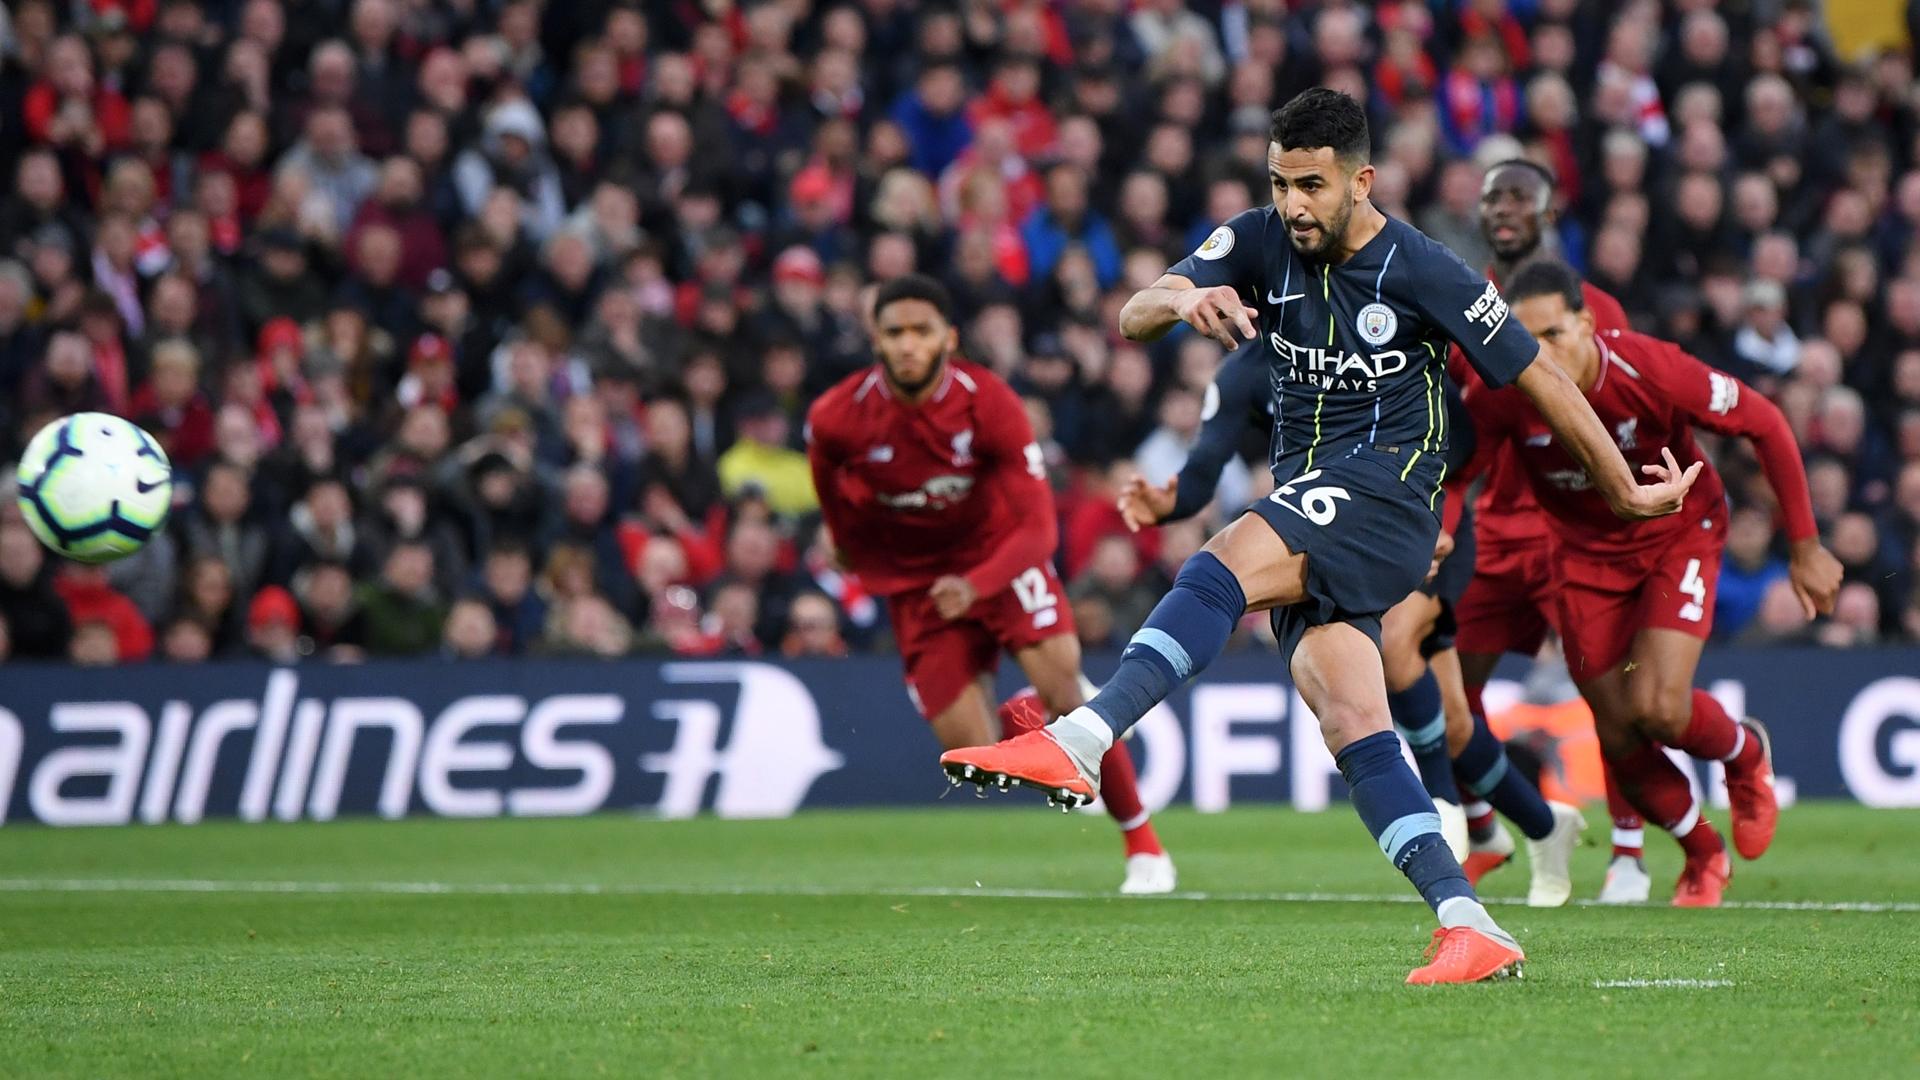 Riyad Nahrez - Manchester City